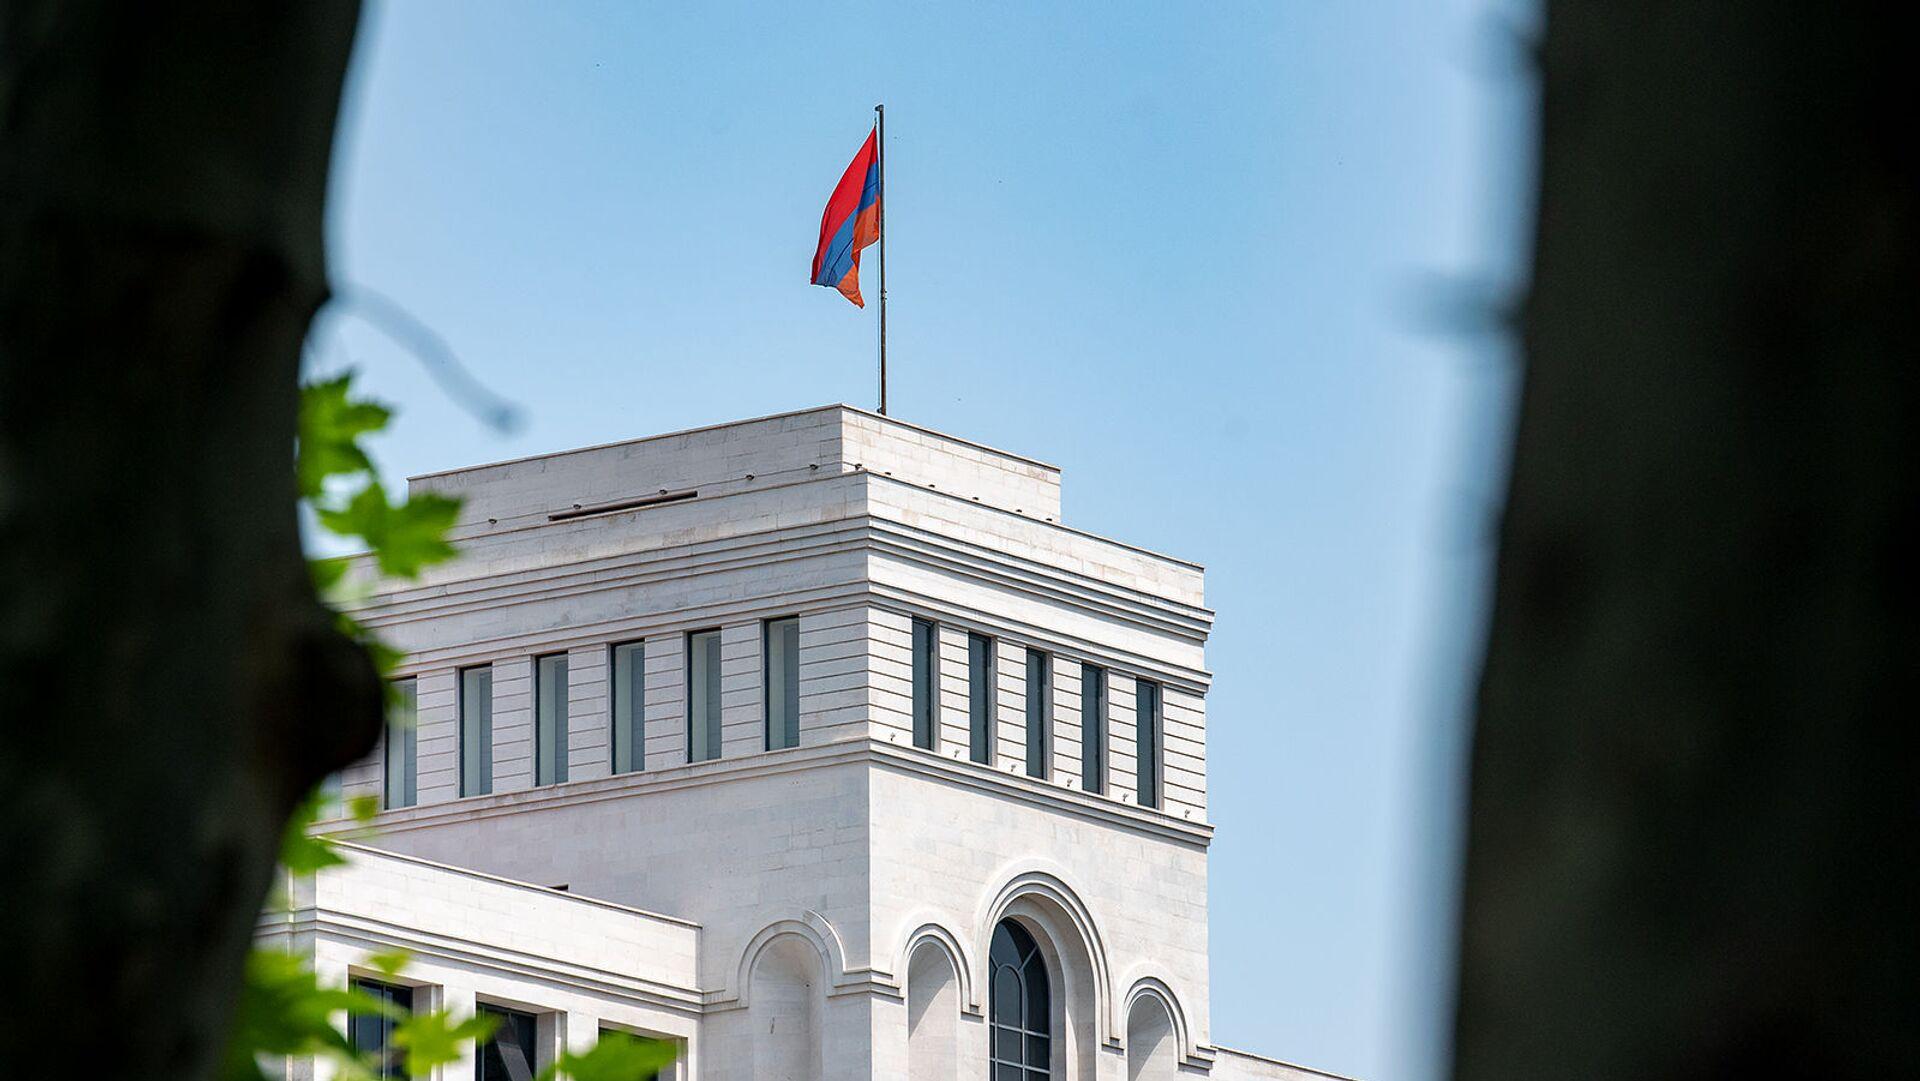 Здание Министерства иностранных дел Армении - Sputnik Армения, 1920, 27.09.2021